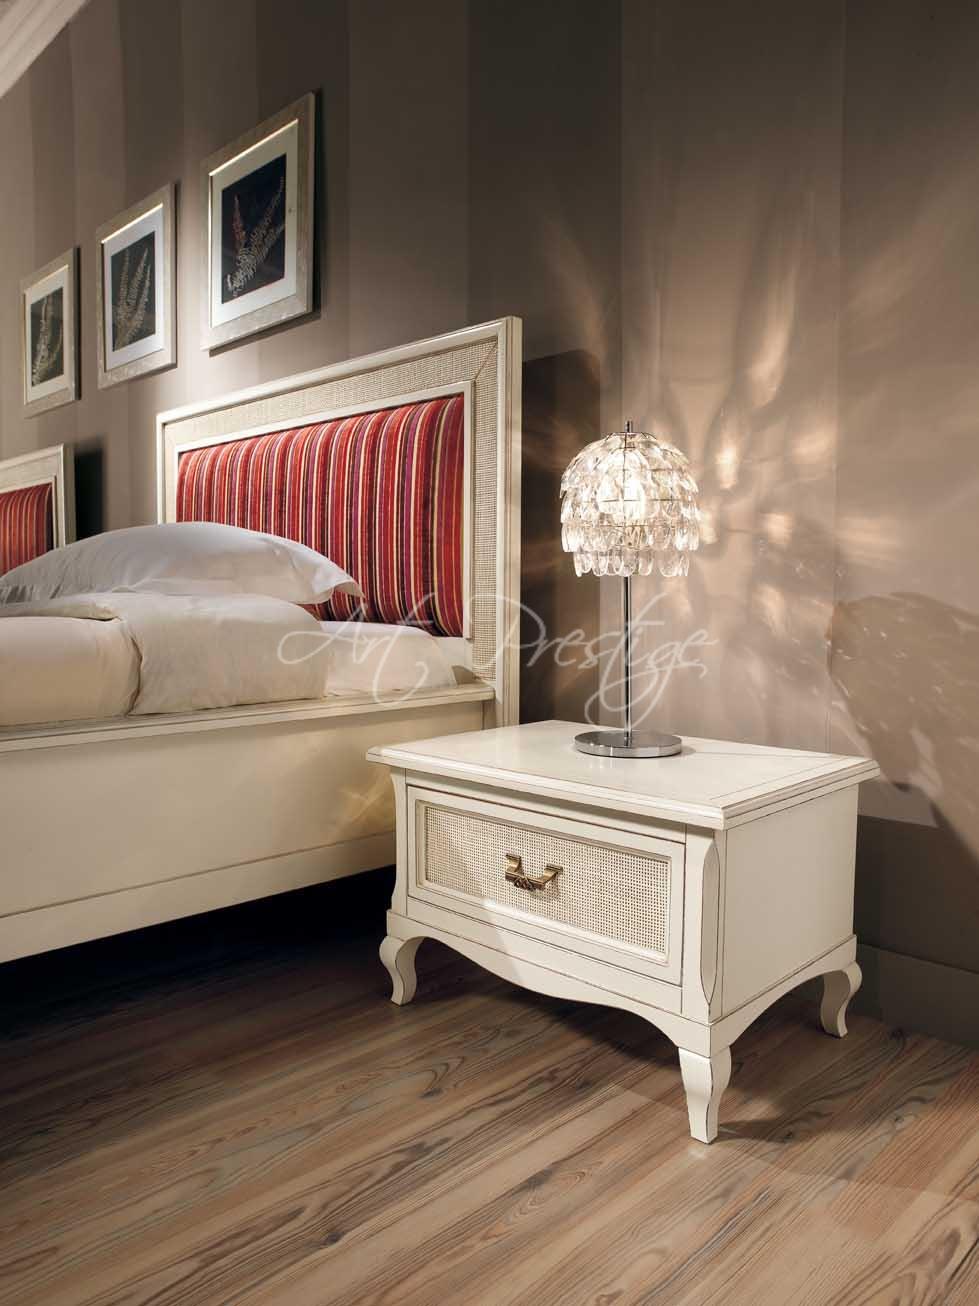 Art h5005 letto a testata paglia di vienna art prestige luxury furniture - Letto di paglia ...